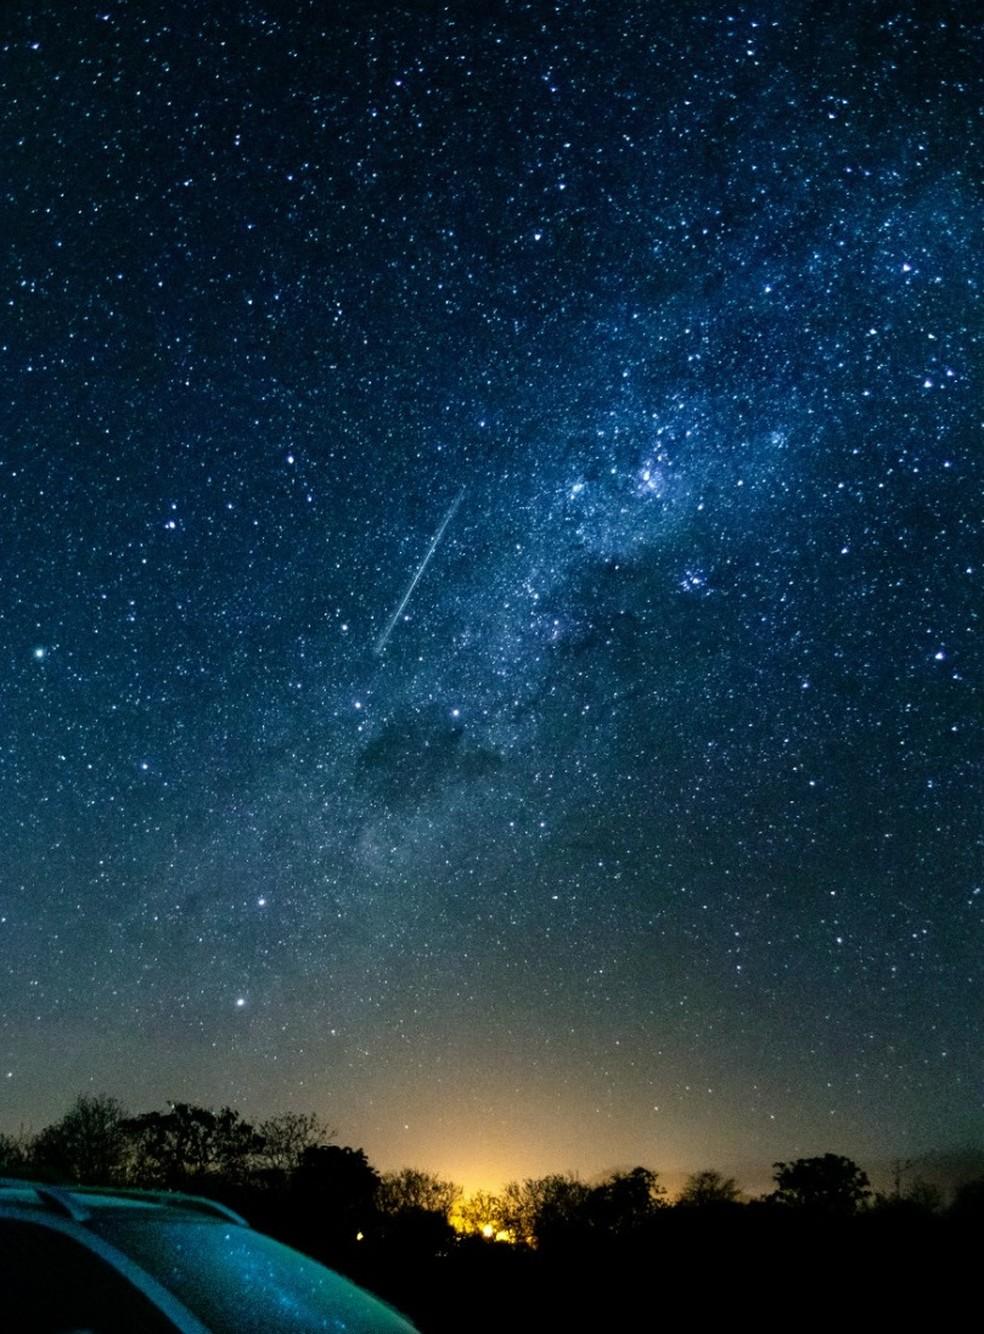 A chuva de meteoros é resultado dos rastros deixados pelo cometa Halley quando passou pela Terra. — Foto: Arquivo pessoal/Nivardo Melo